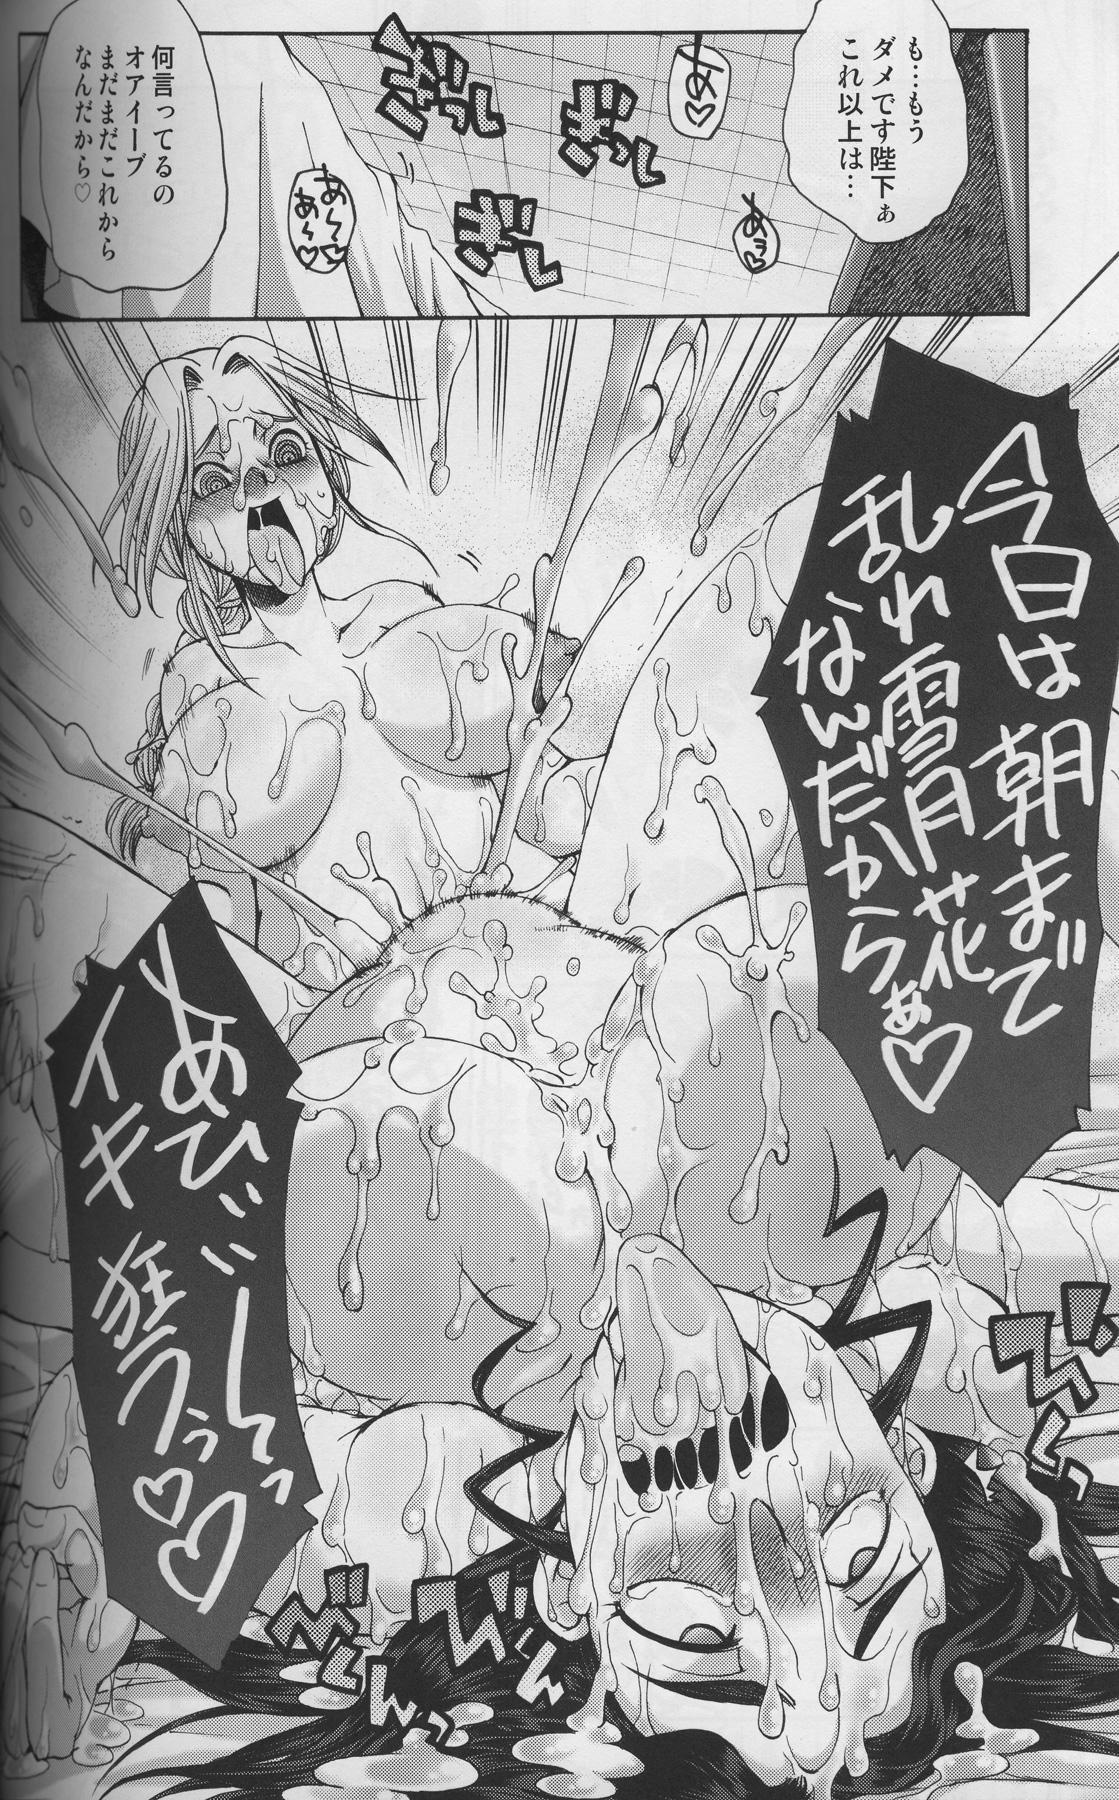 Komakasugite Tsutawaranai Ero Doujin Senshuken Haru no Nijikan SPECIAL 64